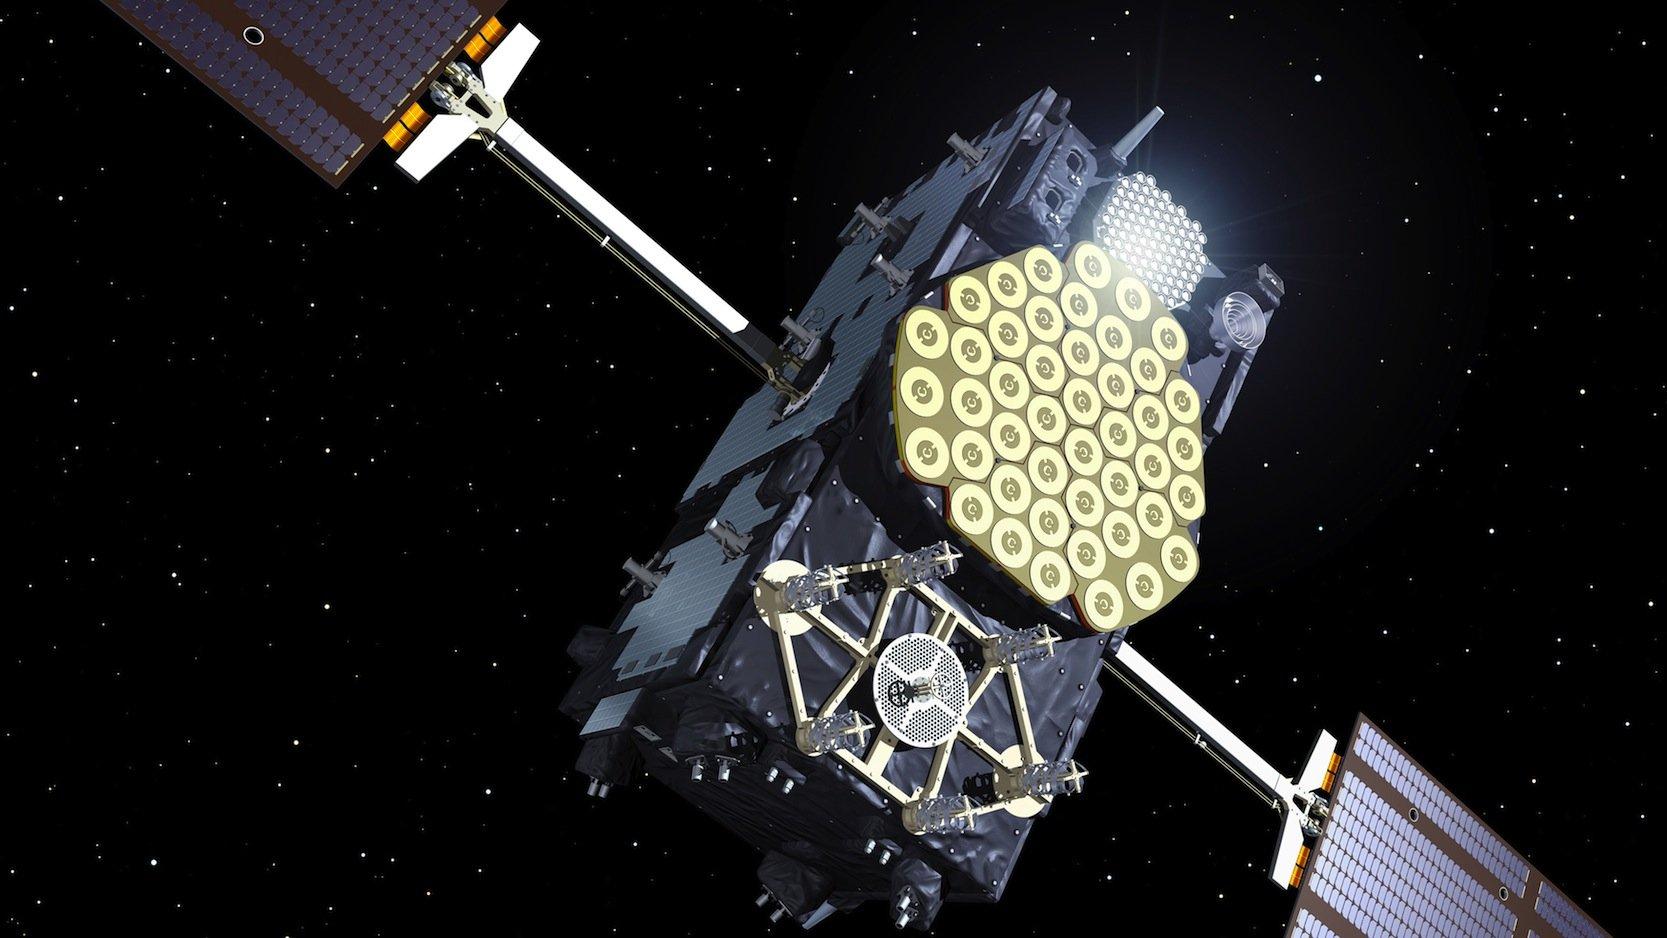 Ein Galileo-Satellit in seiner Umlaufbahn: Seit dem heutigen Tag steht das europäische Satellitensystem Galileo für Navigationsaufgaben zur Verfügung. 18 von geplanten 30 Satelliten kreisen derzeit um die Erde.